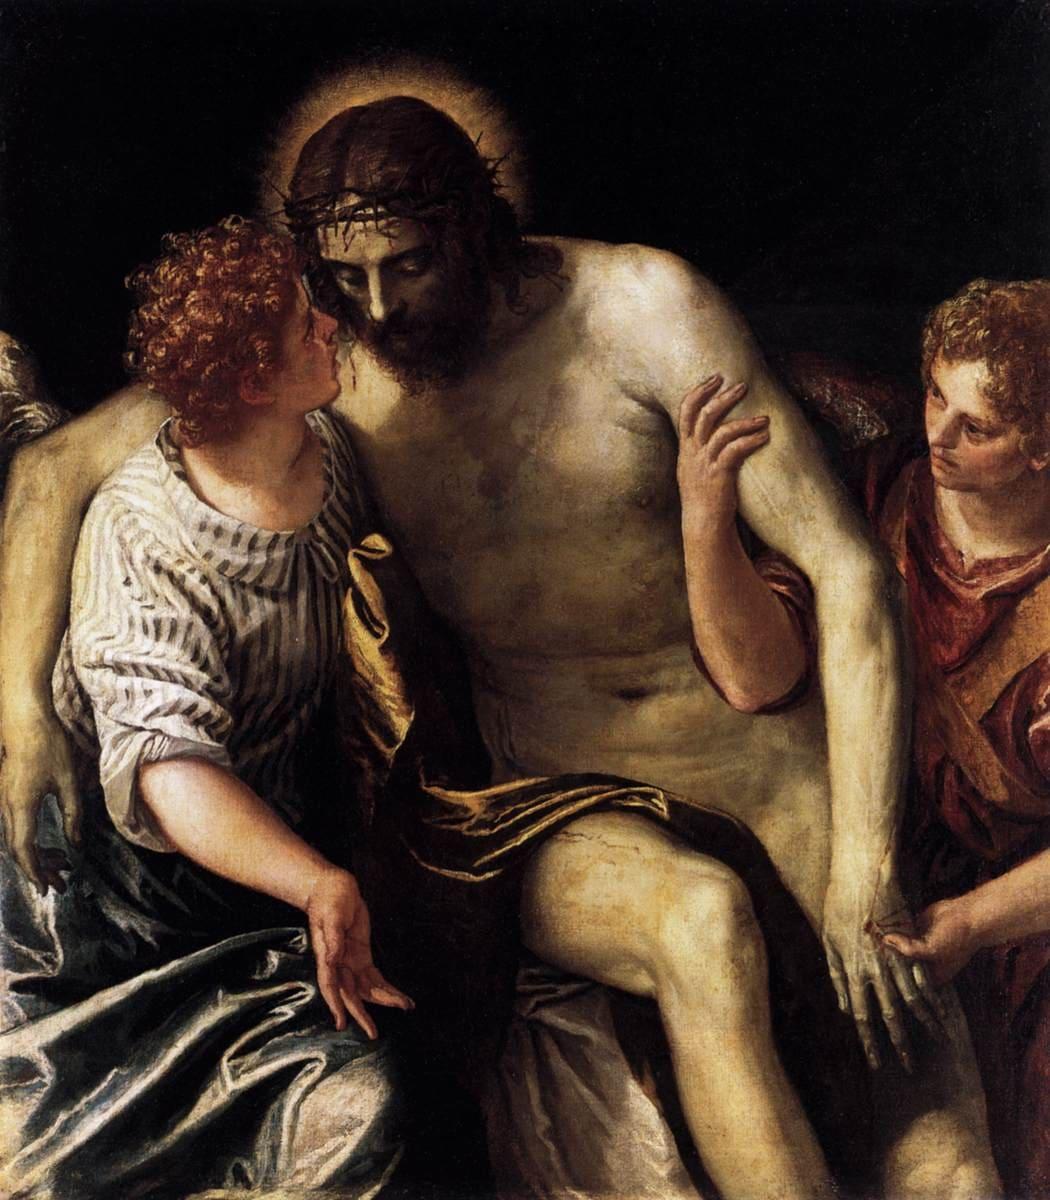 Christ mort soutien anges blessures souffrance Véronèse